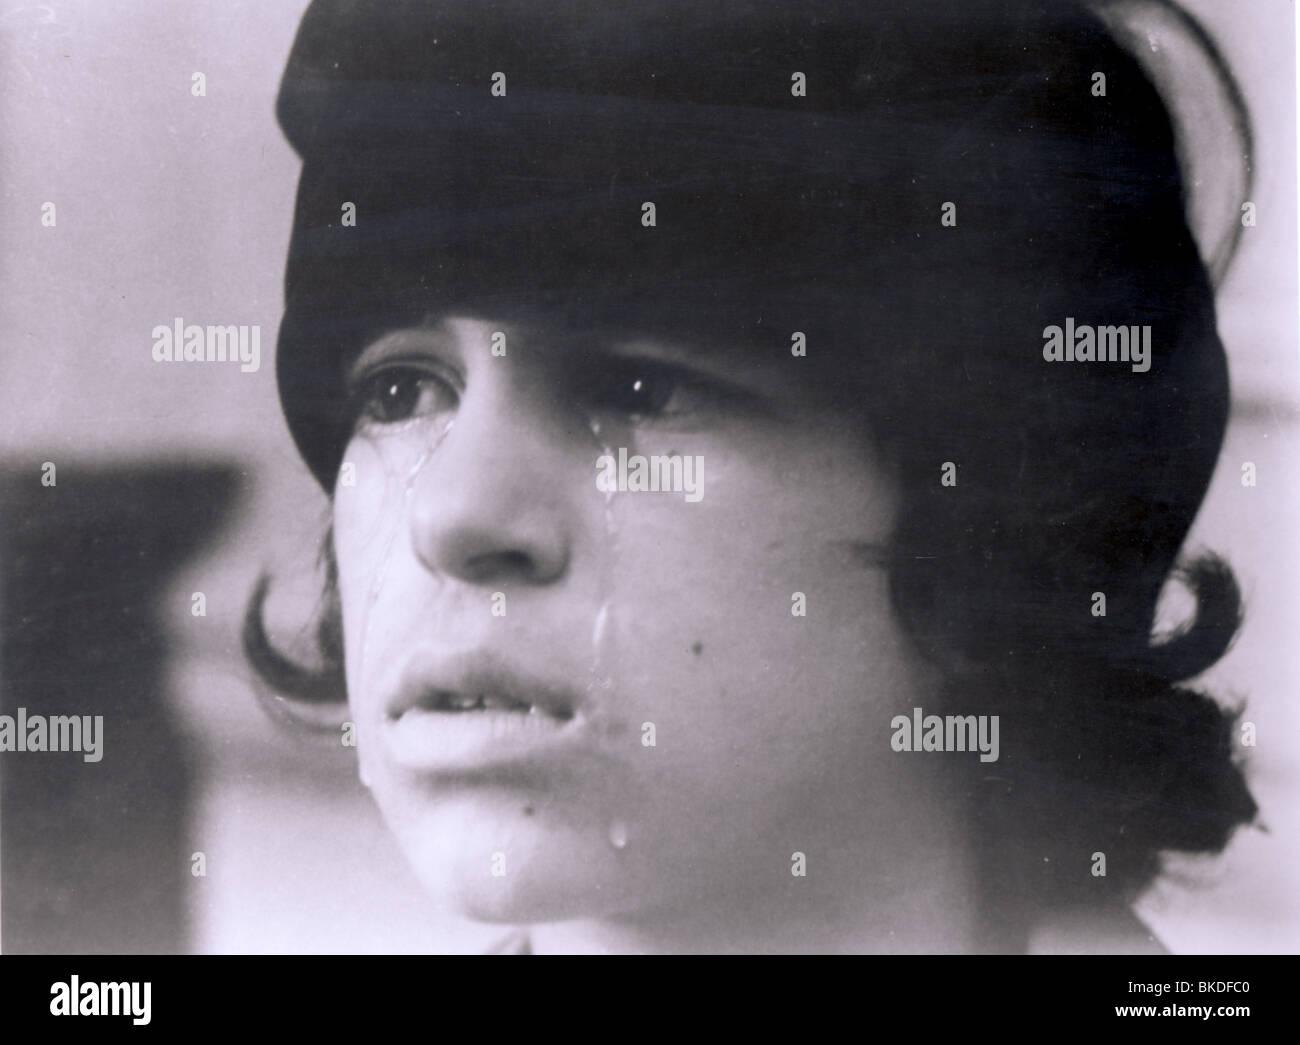 L'Enfant SAUVAGE (1970) Il bambino selvaggio (ALT), JEAN-PIERRE CARGOL ENFA 001P Immagini Stock